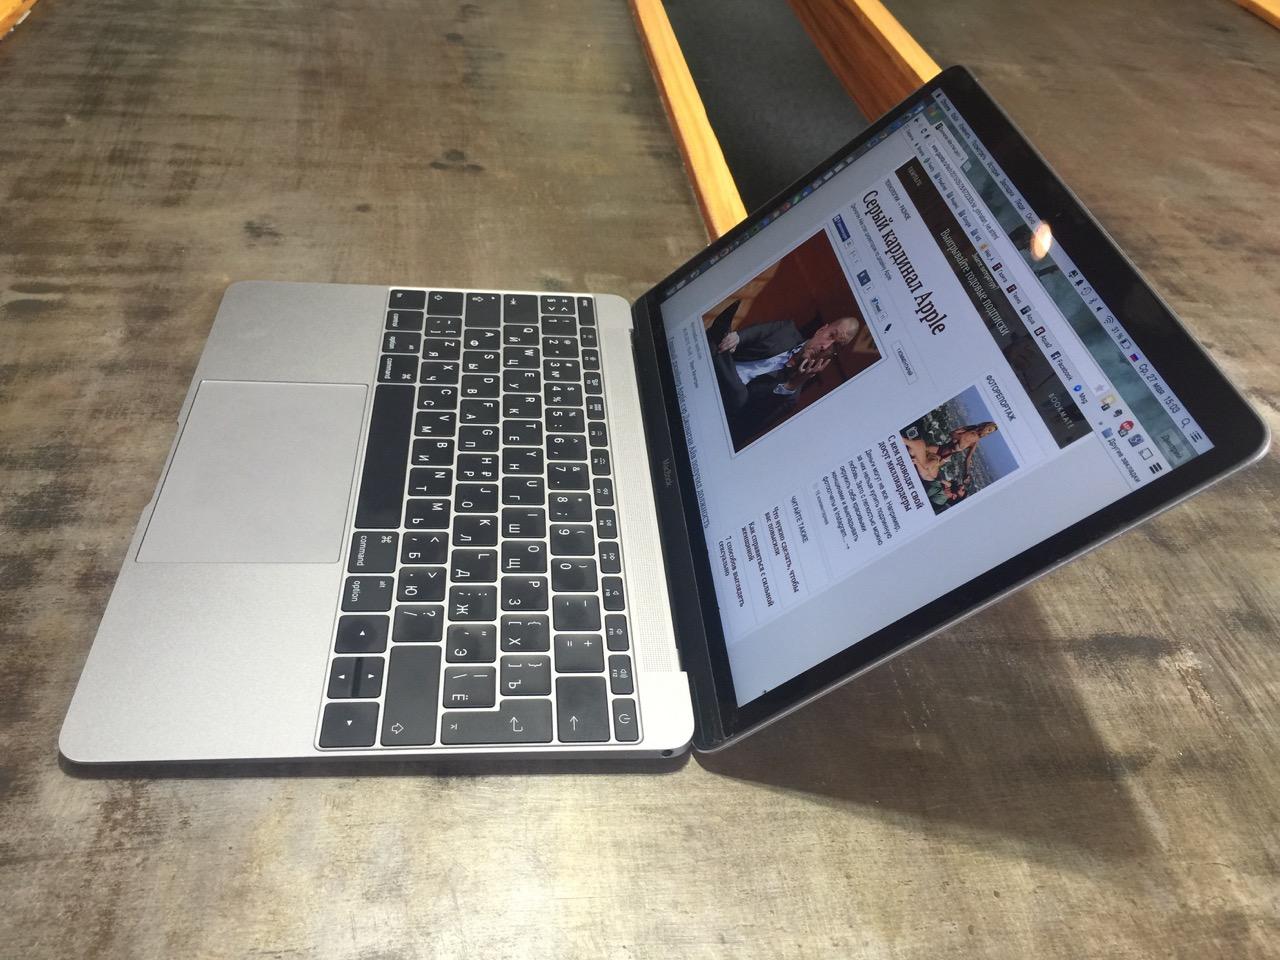 Macbook все чаще приносят в офис для работы